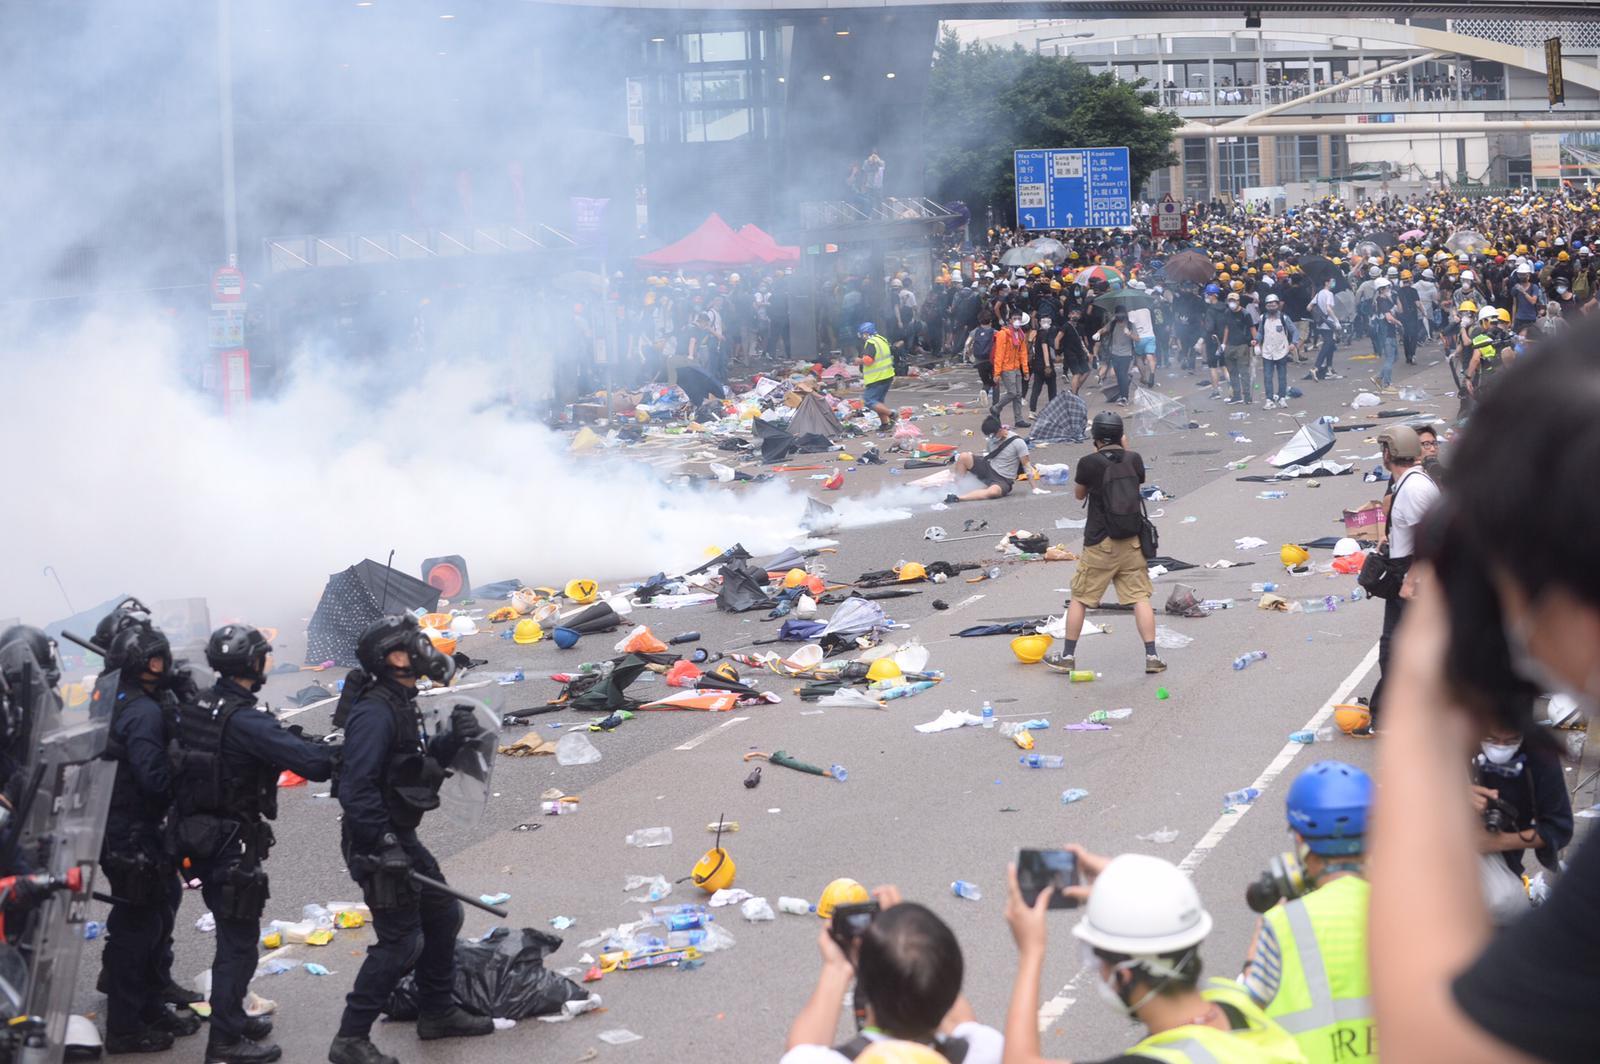 英國外相侯俊偉聲明,呼籲示威者冷靜。